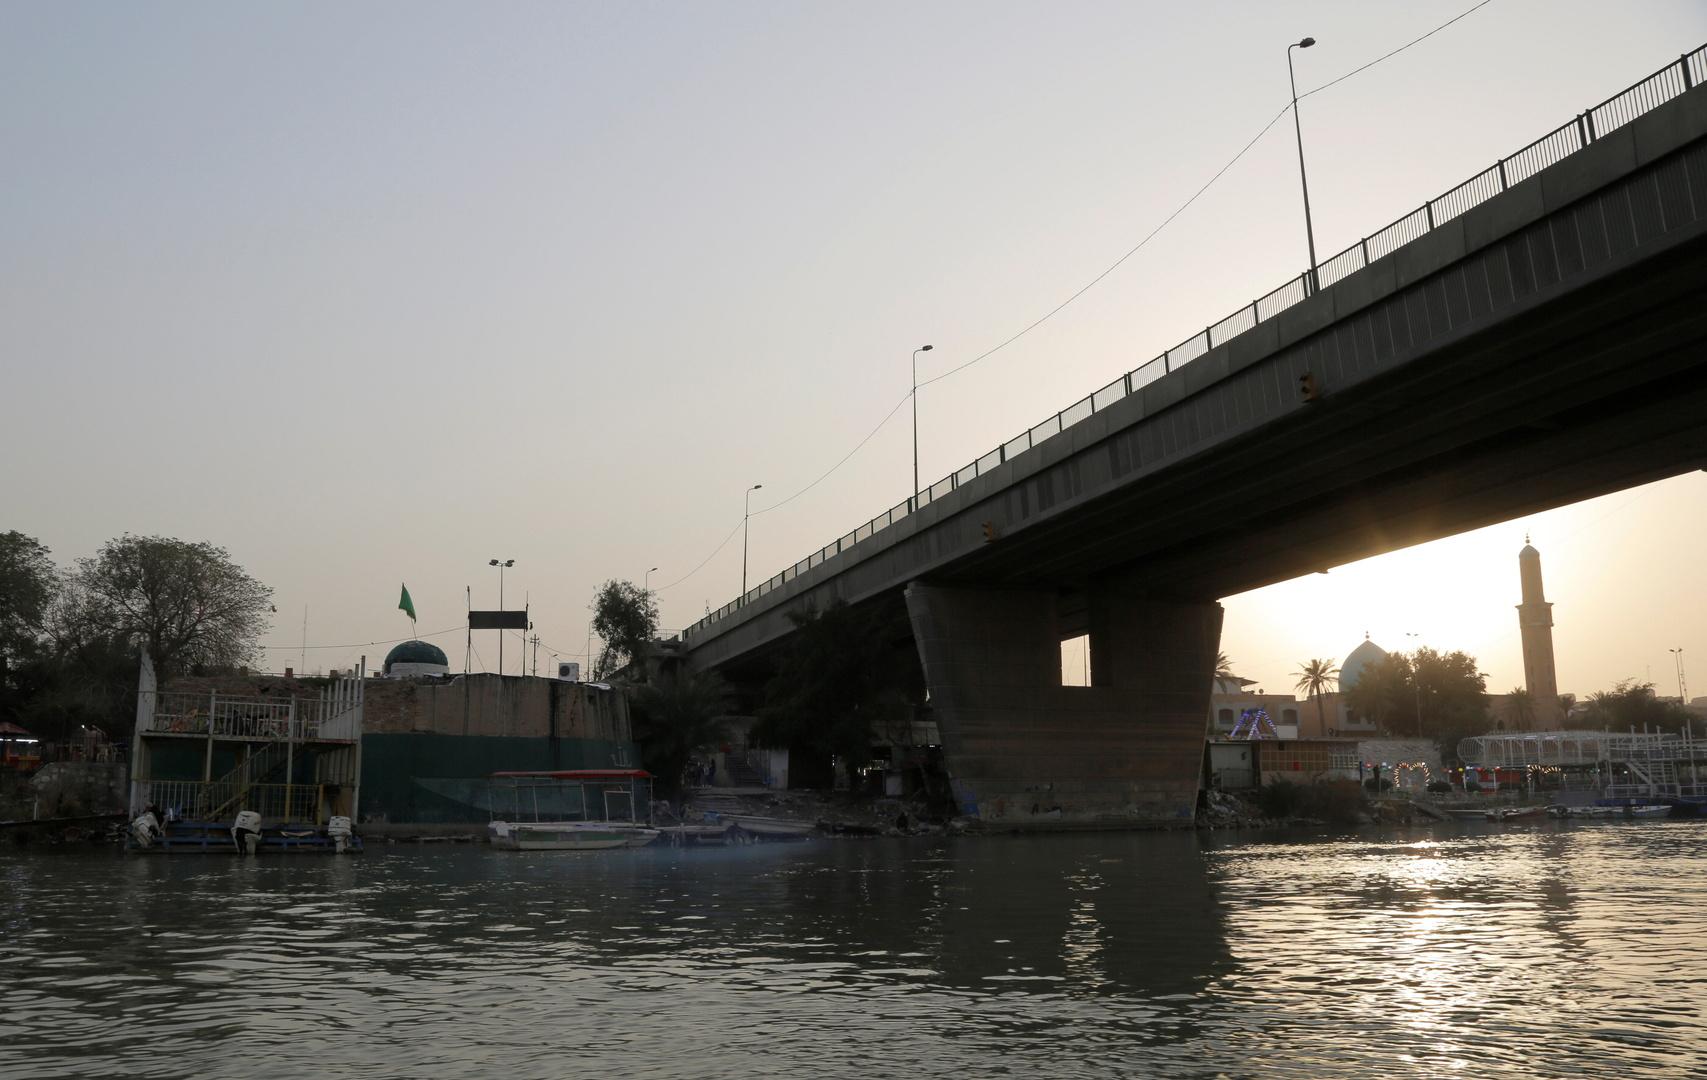 العراق يرغب في التوصل إلى تفاهمات مع تركيا حول ملف المياه